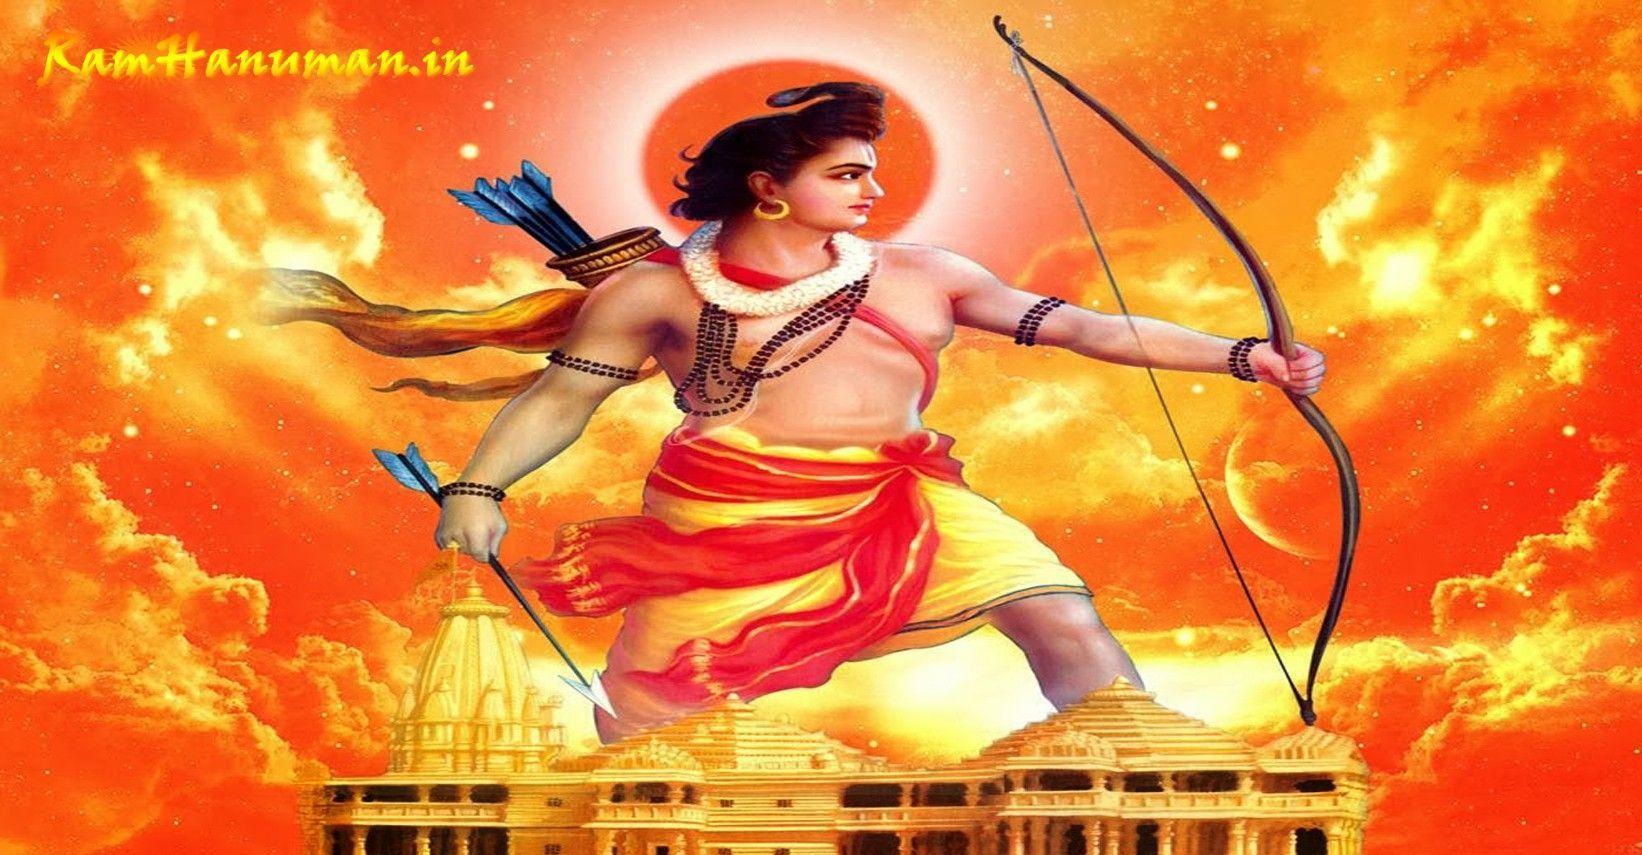 1642x855 Ảnh Jai Shree Ram, Hình ảnh HD Hình nền Tải xuống 800 × 600 Ram